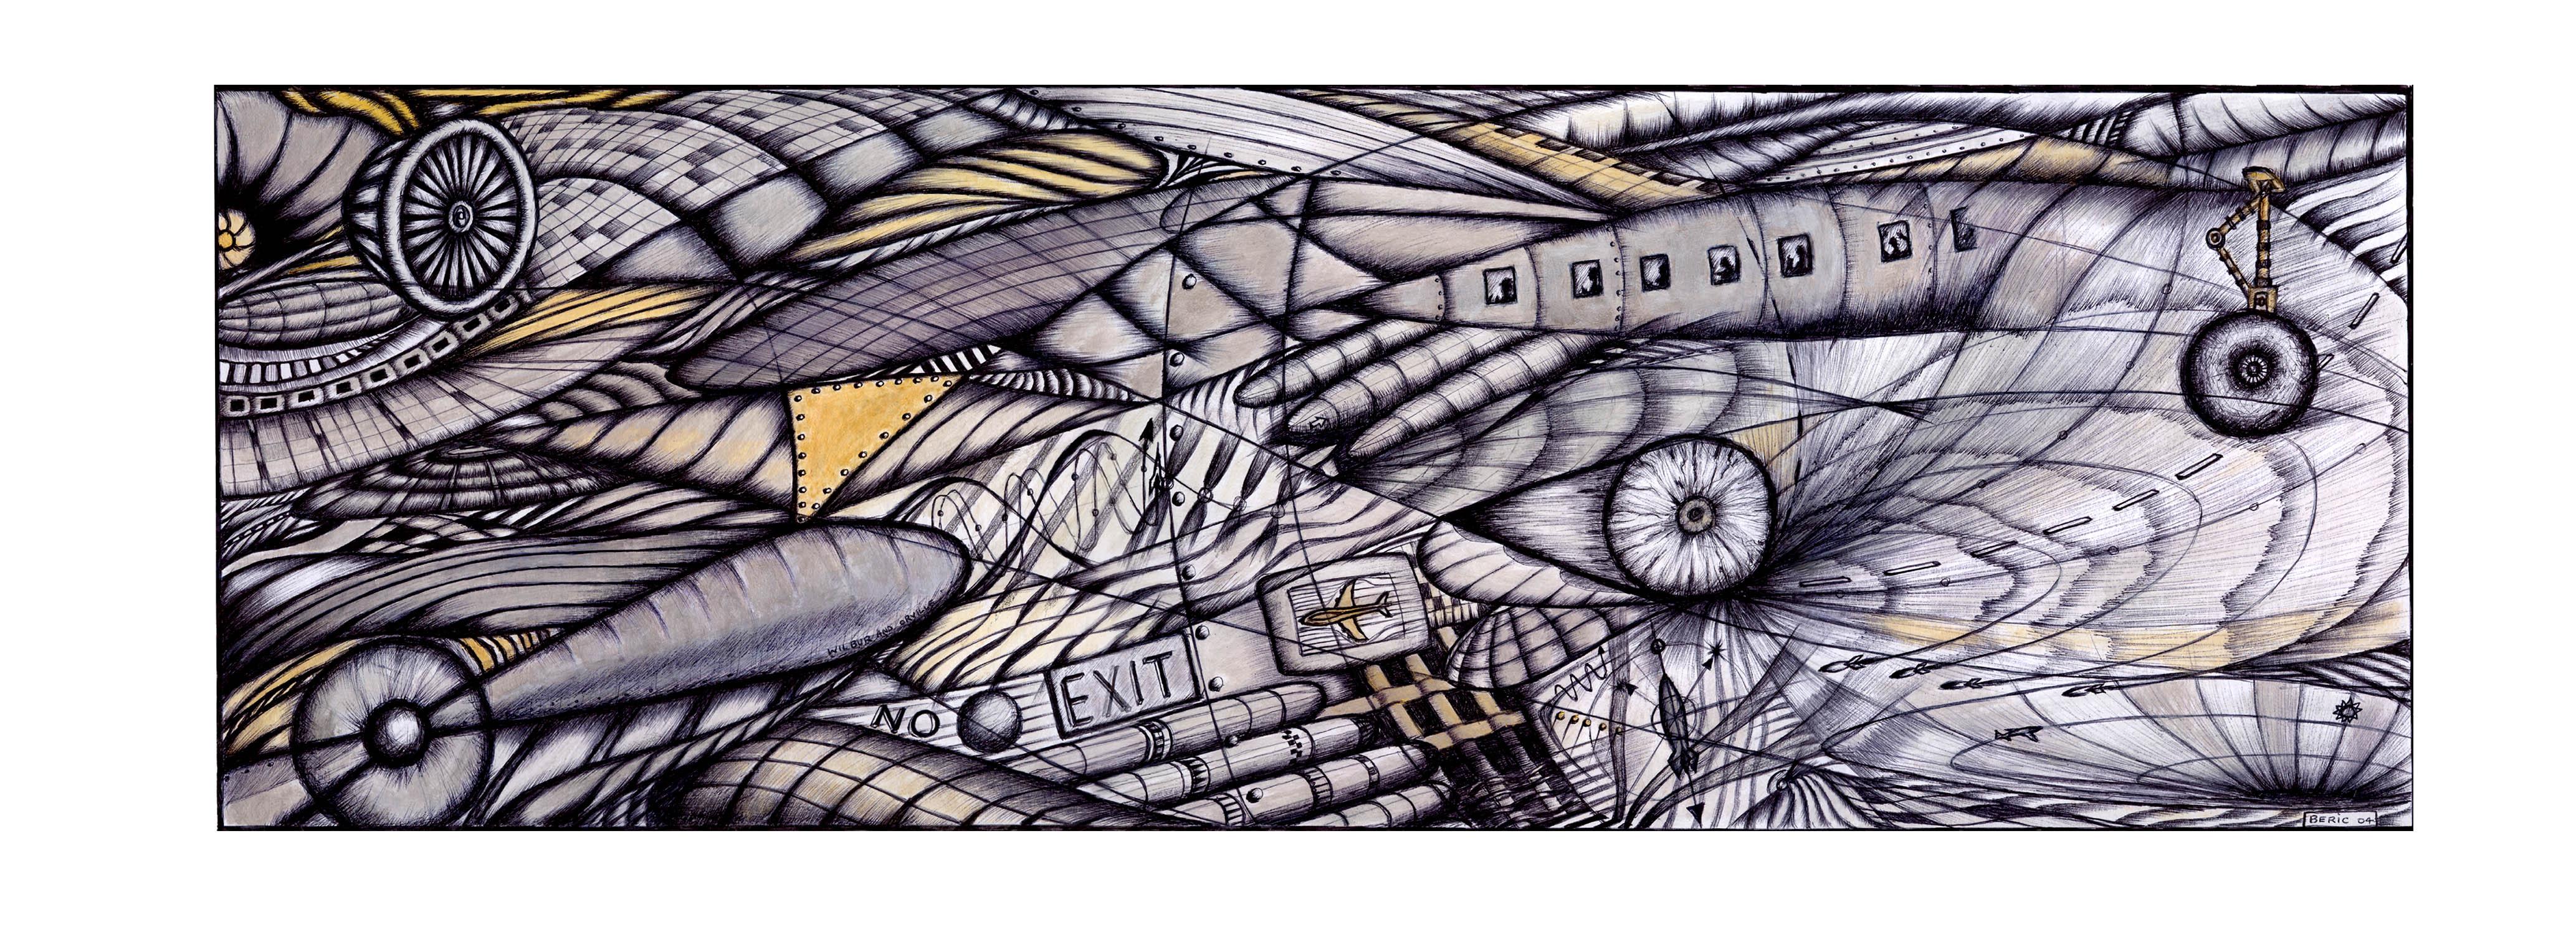 Aeronauticus 2004